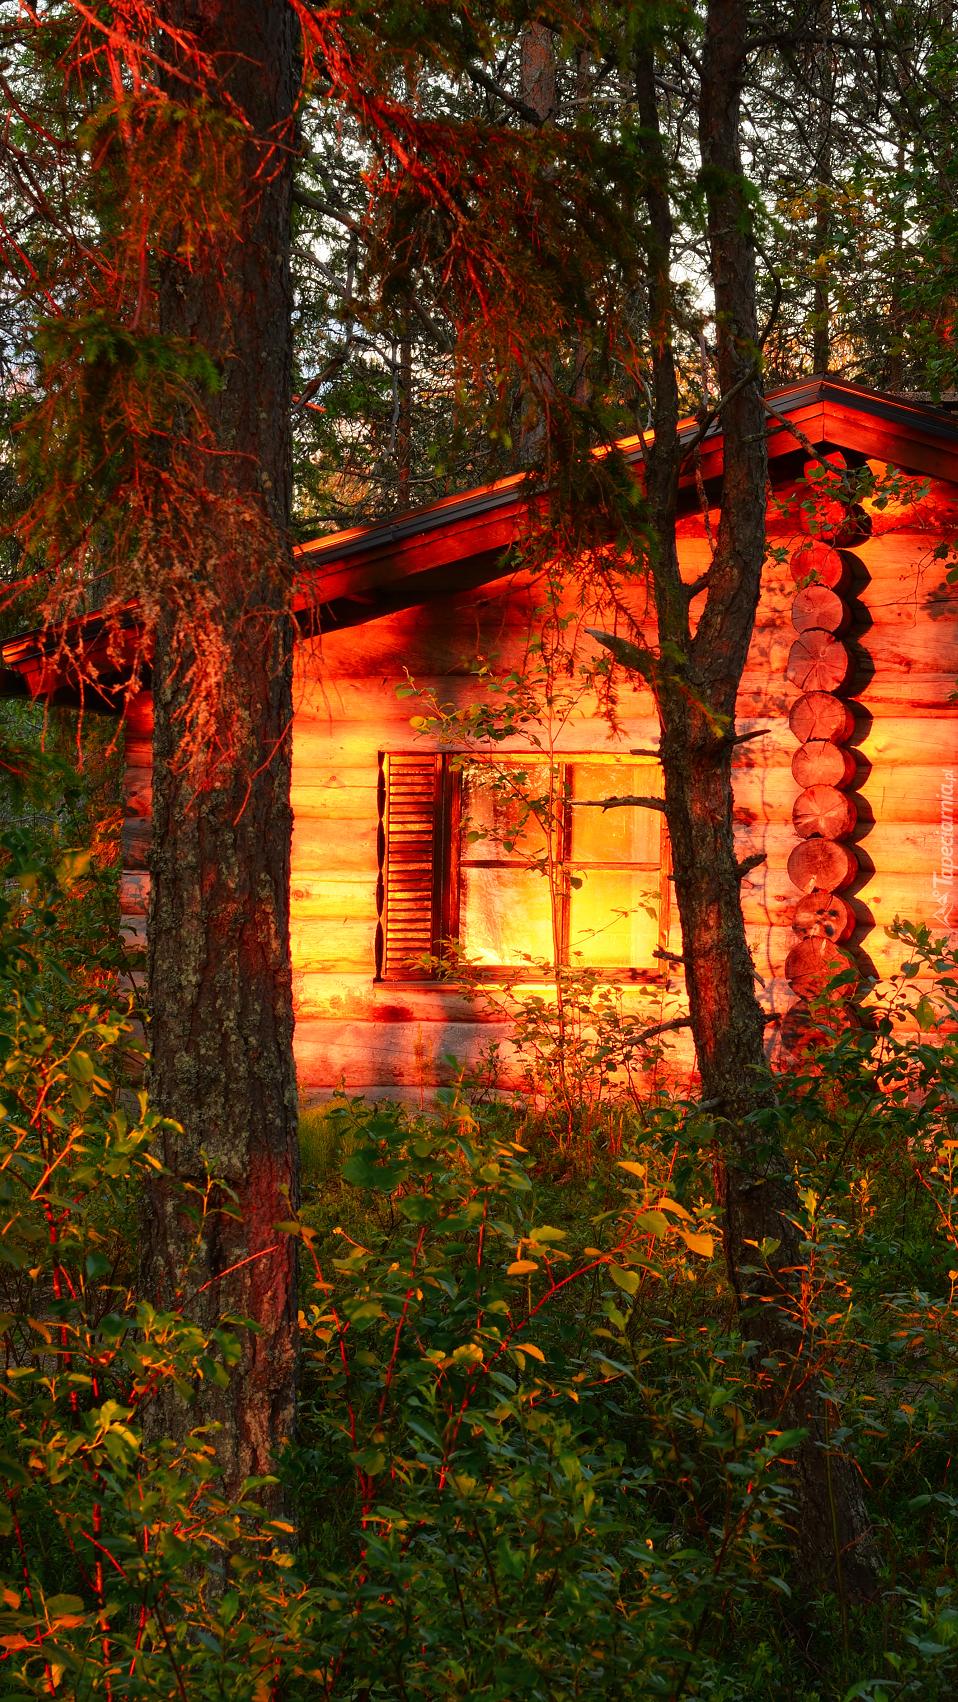 Drewniany domek w blasku słońca